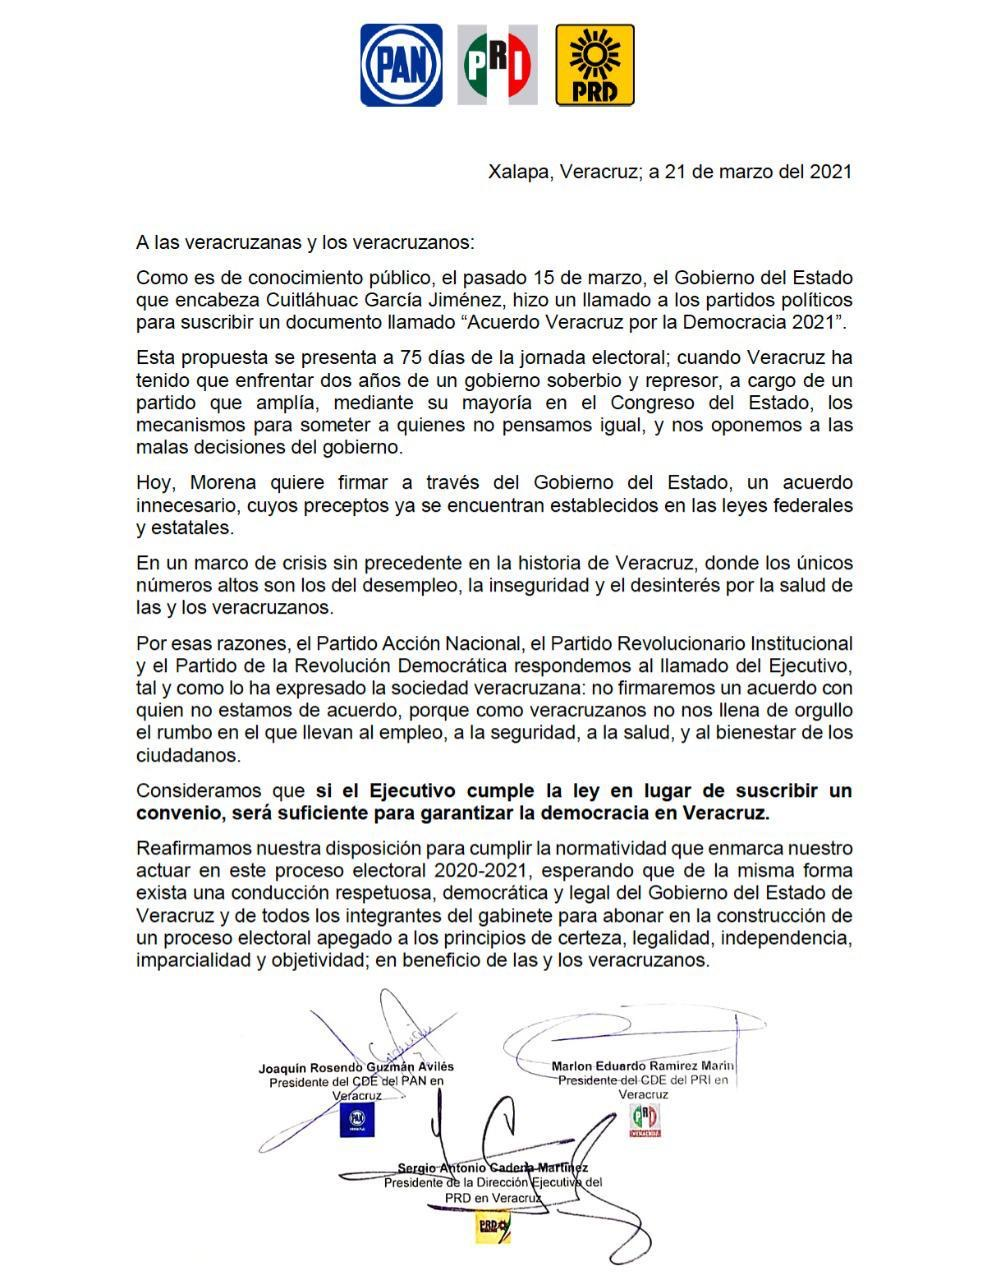 PRI, PAN y PRD no van al Acuerdo Veracruz por la Democracia 2021